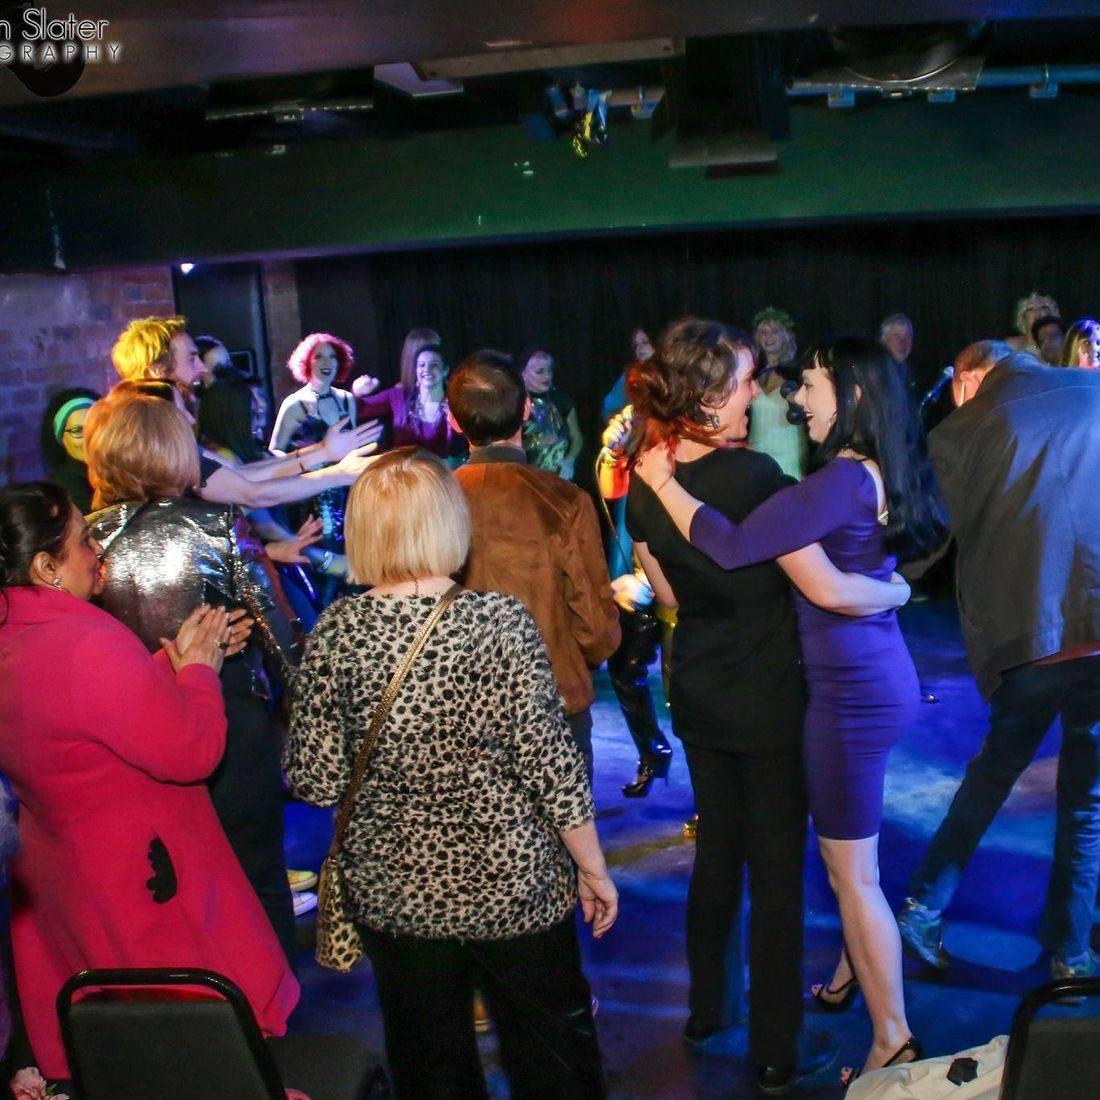 Earthmoves business art dance tuition energy joyful